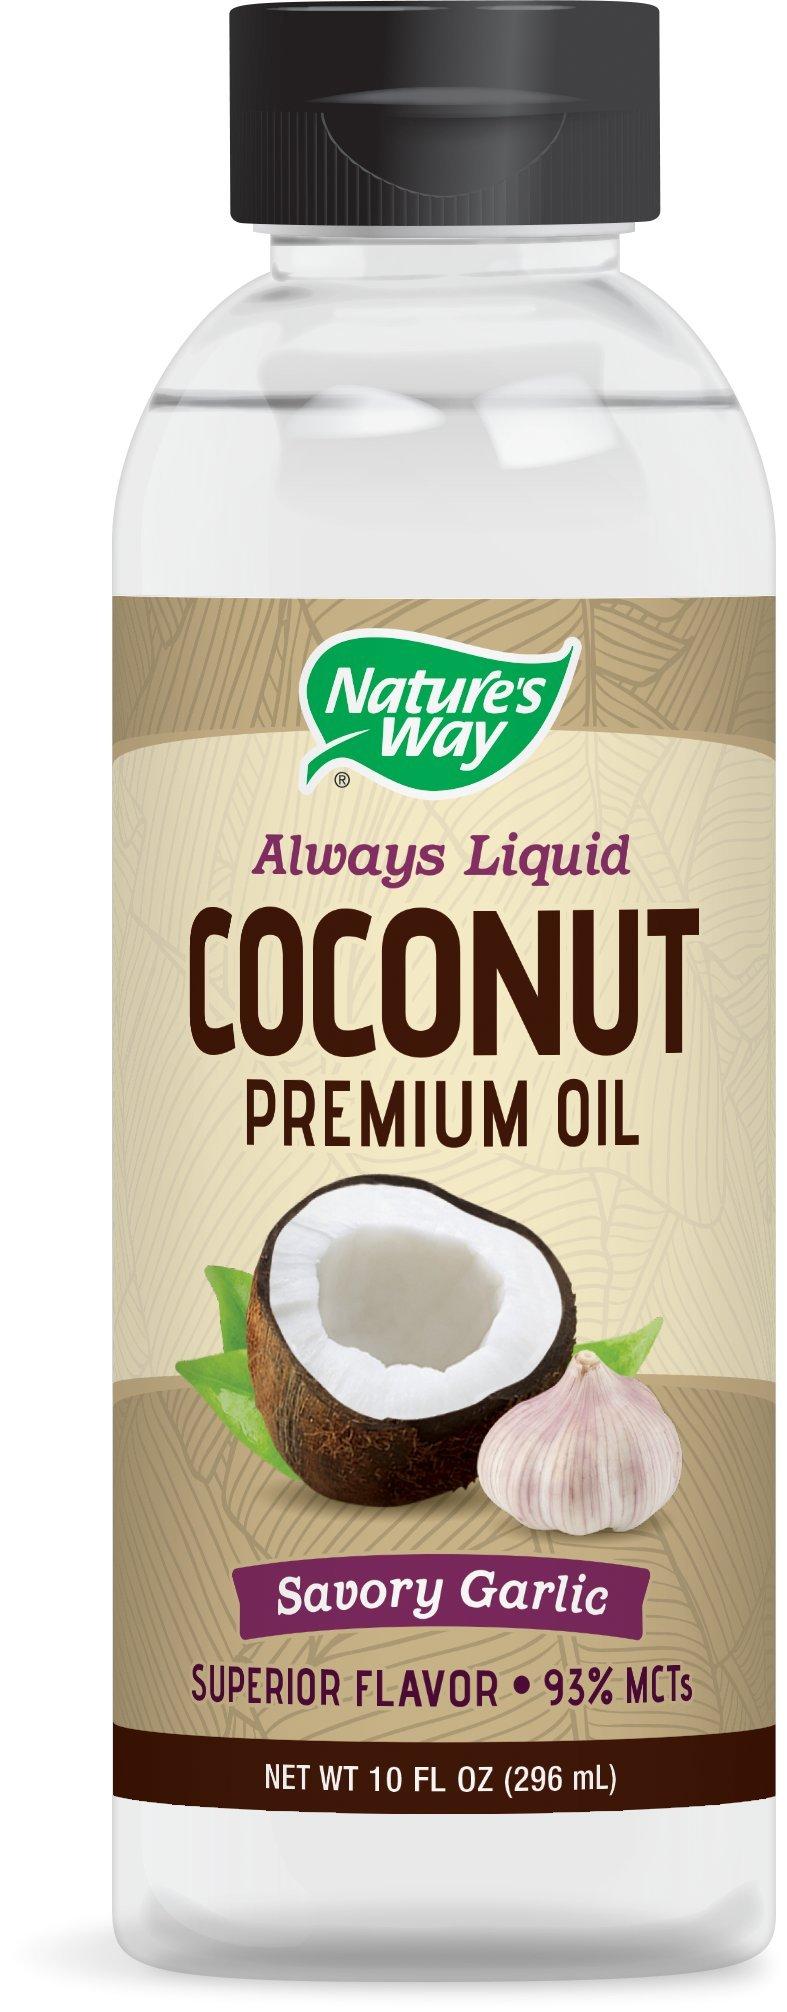 Nature S Way Premium Coconut Oil